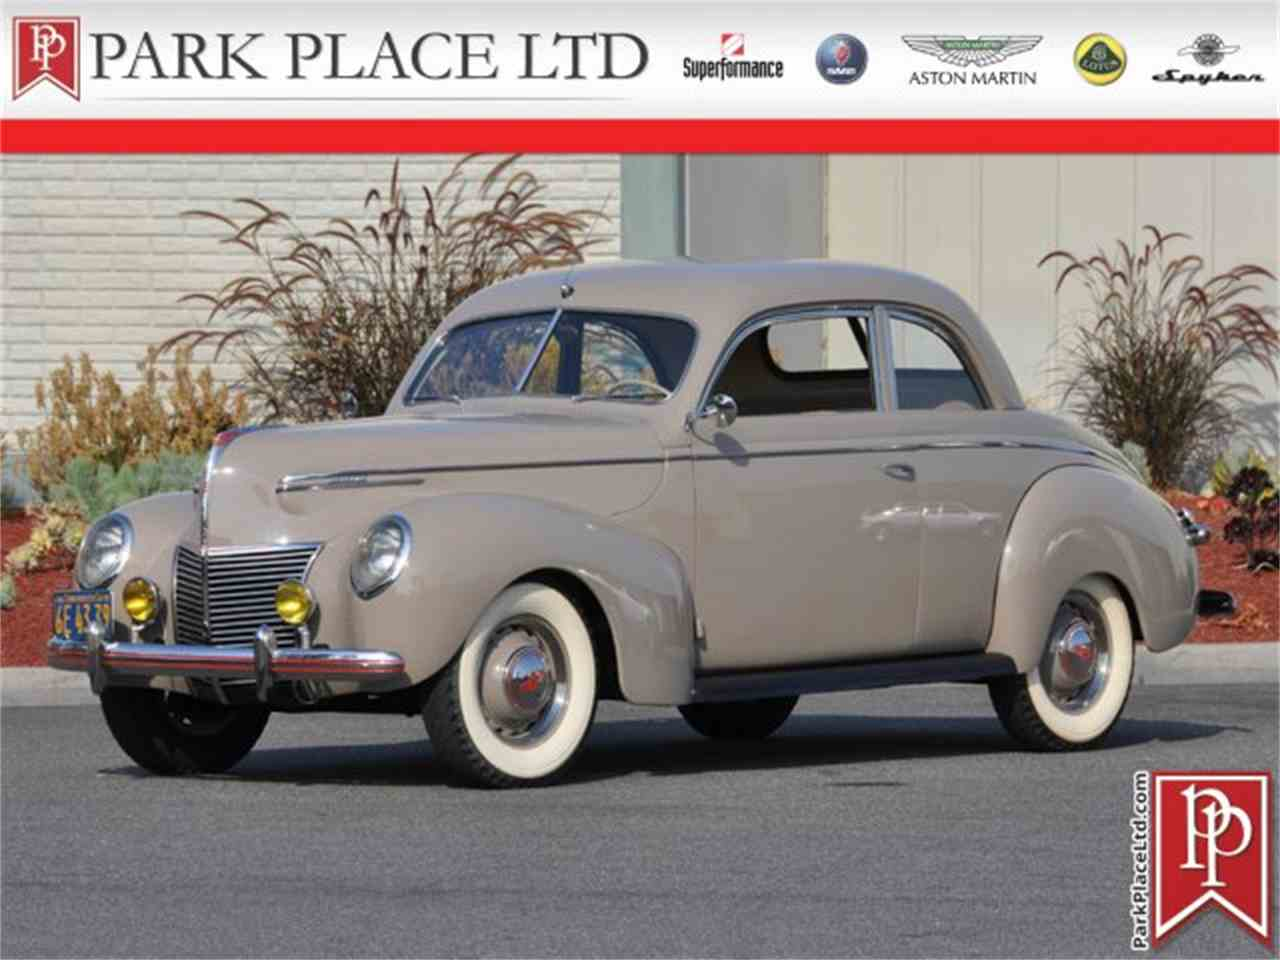 Al Auto Salon New Location By Park Place Ltd